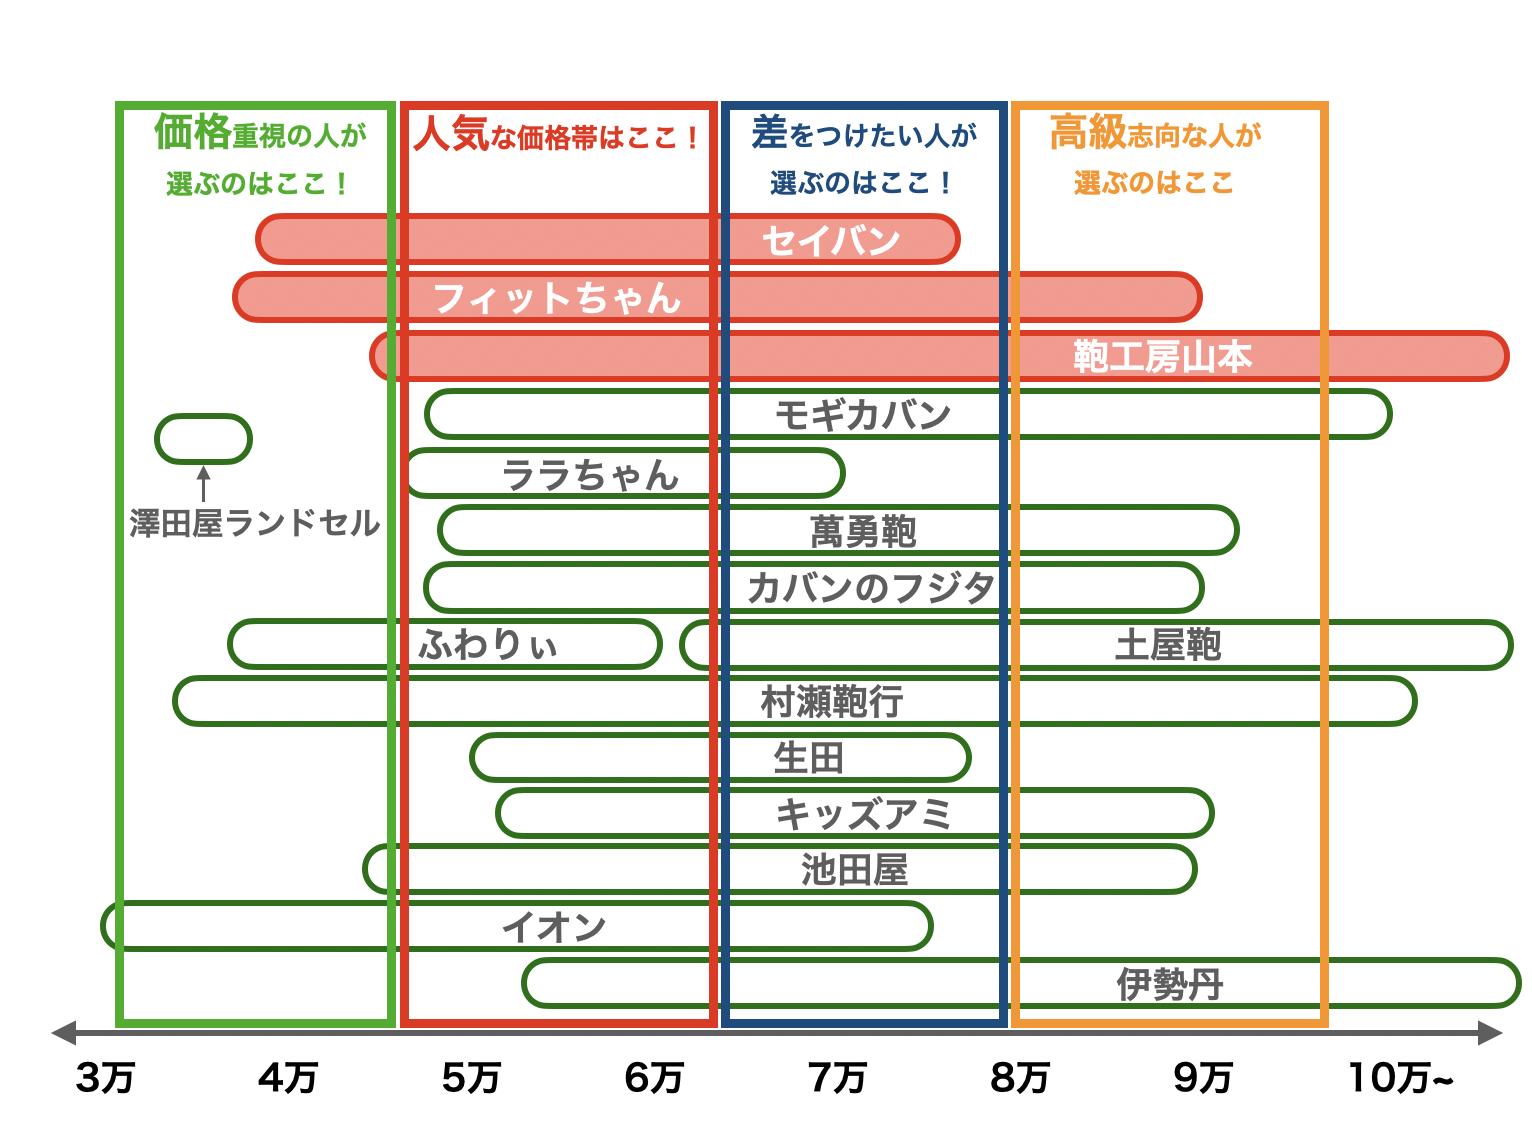 2021年度ランドセルの価格帯(8月修正版)